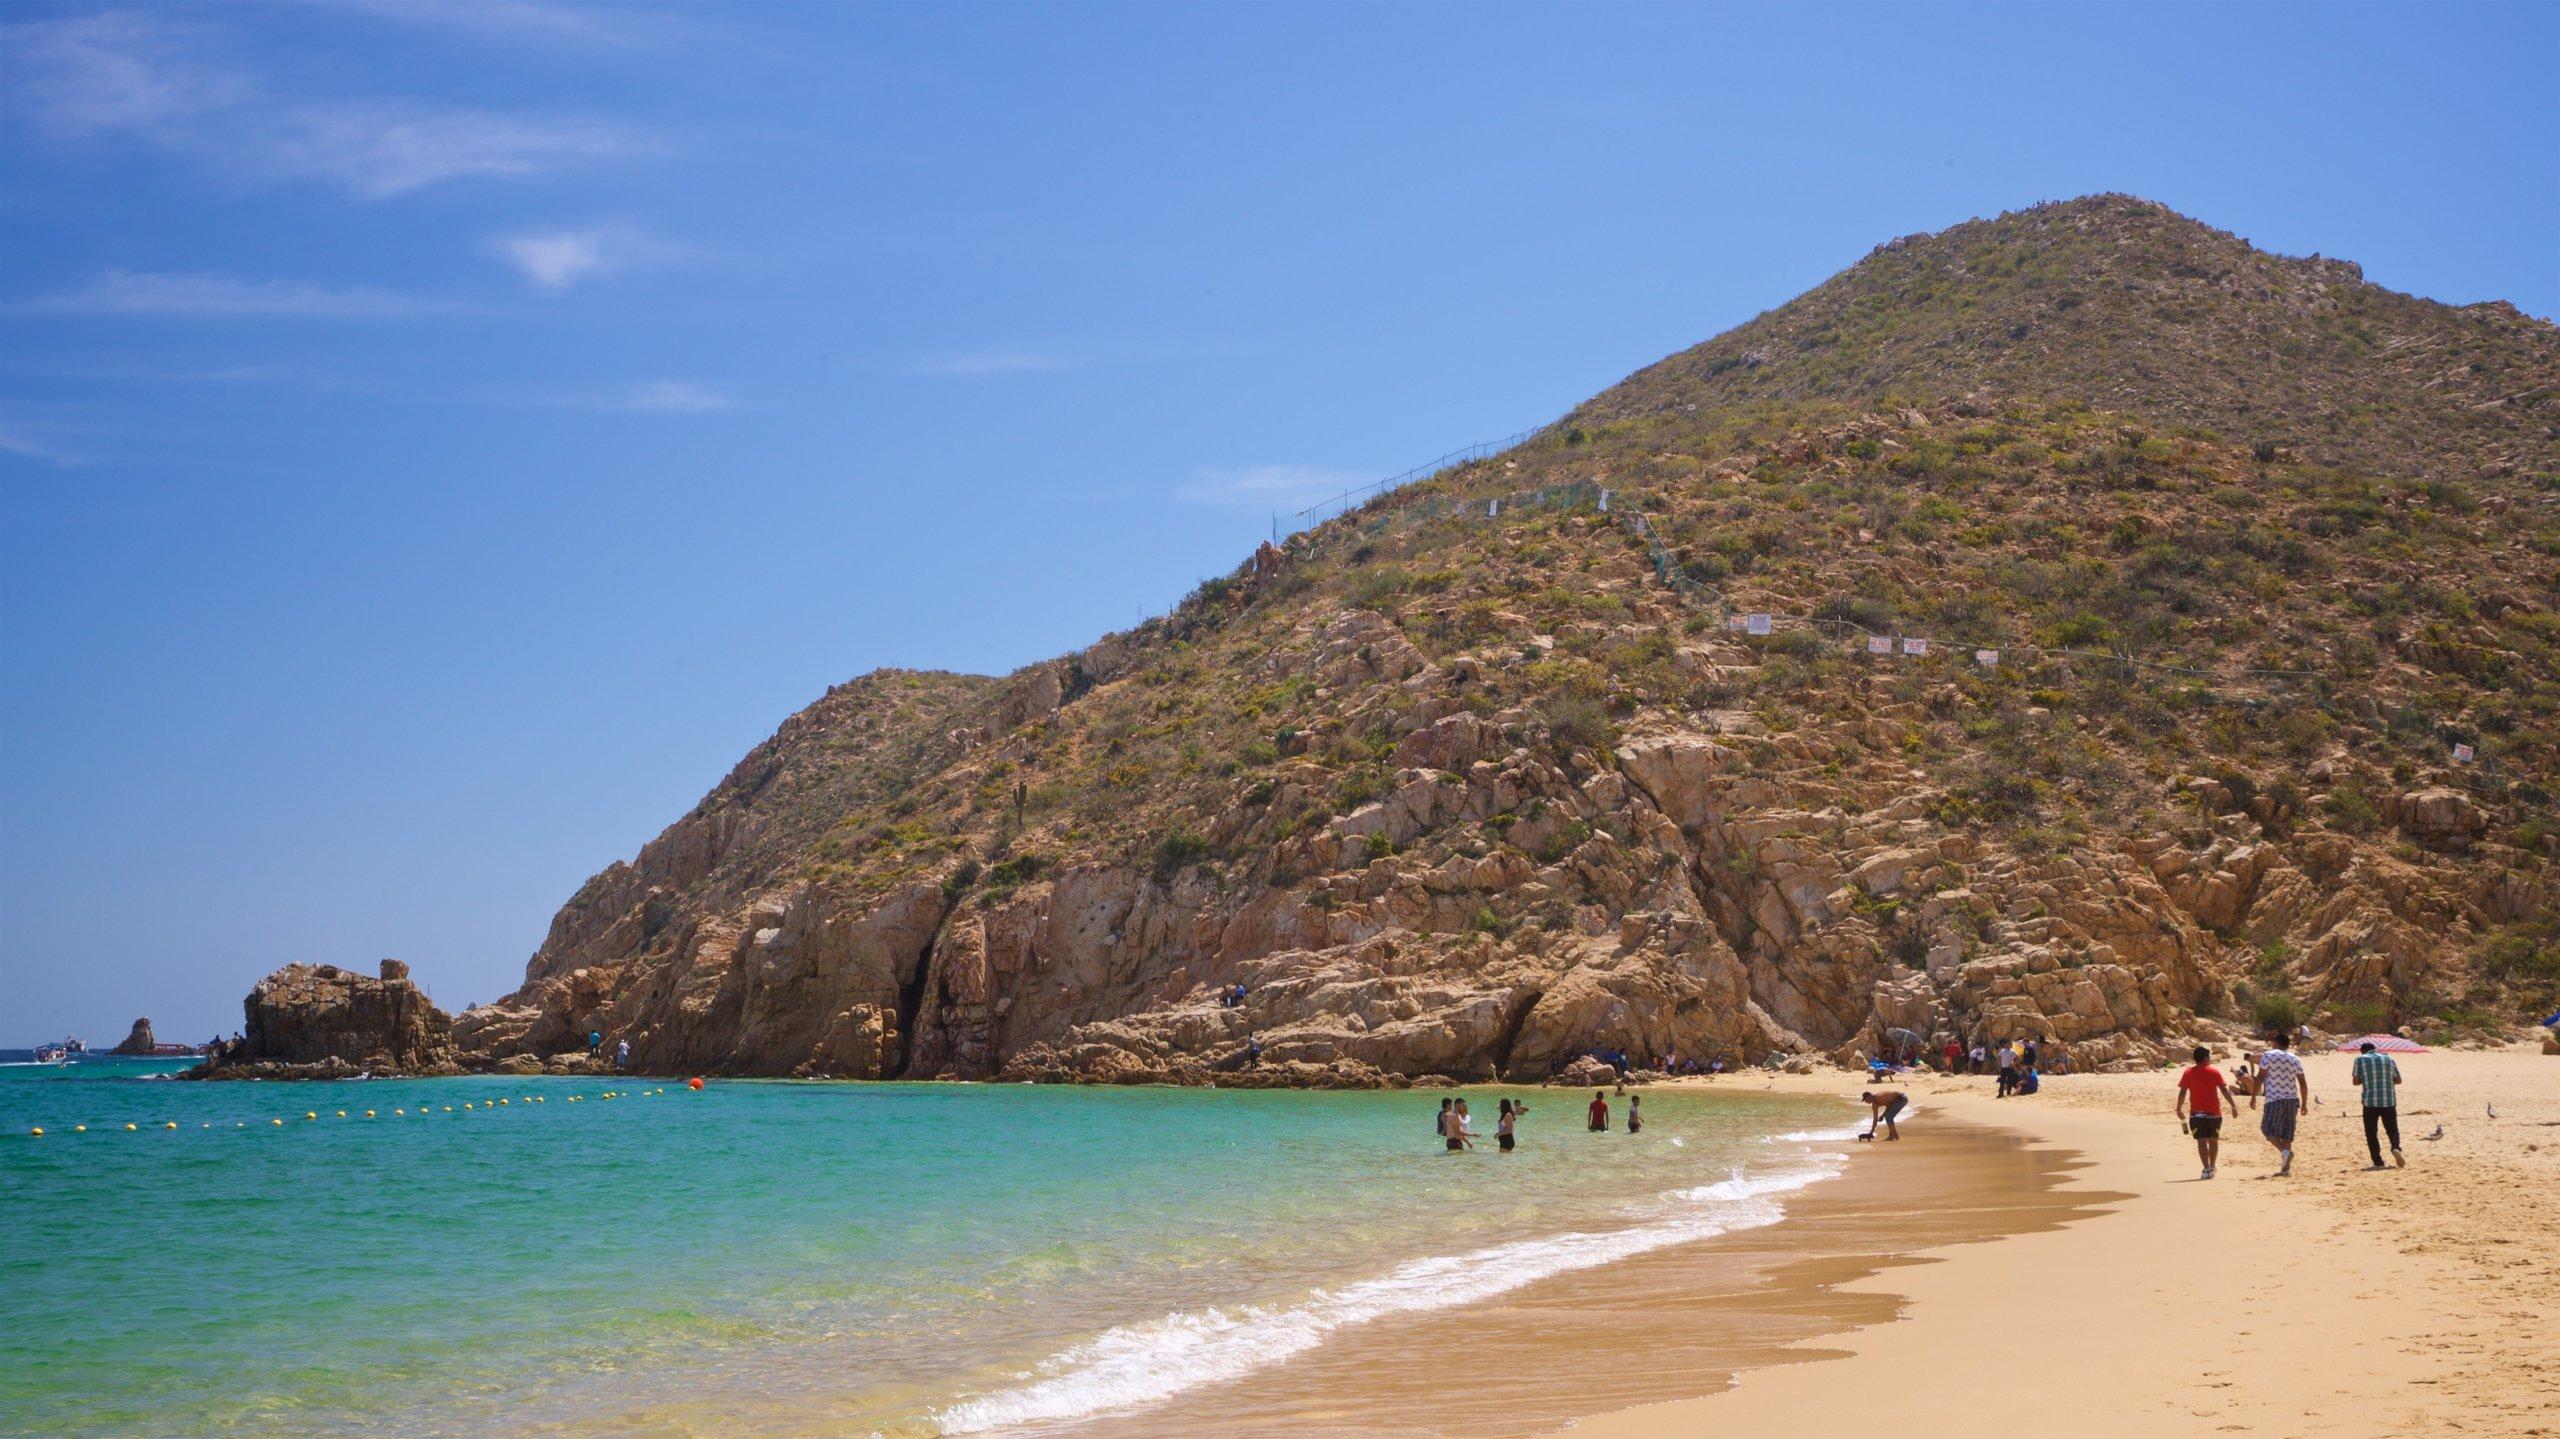 Cannery Beach, Cabo San Lucas, Baja California Sur, Mexico